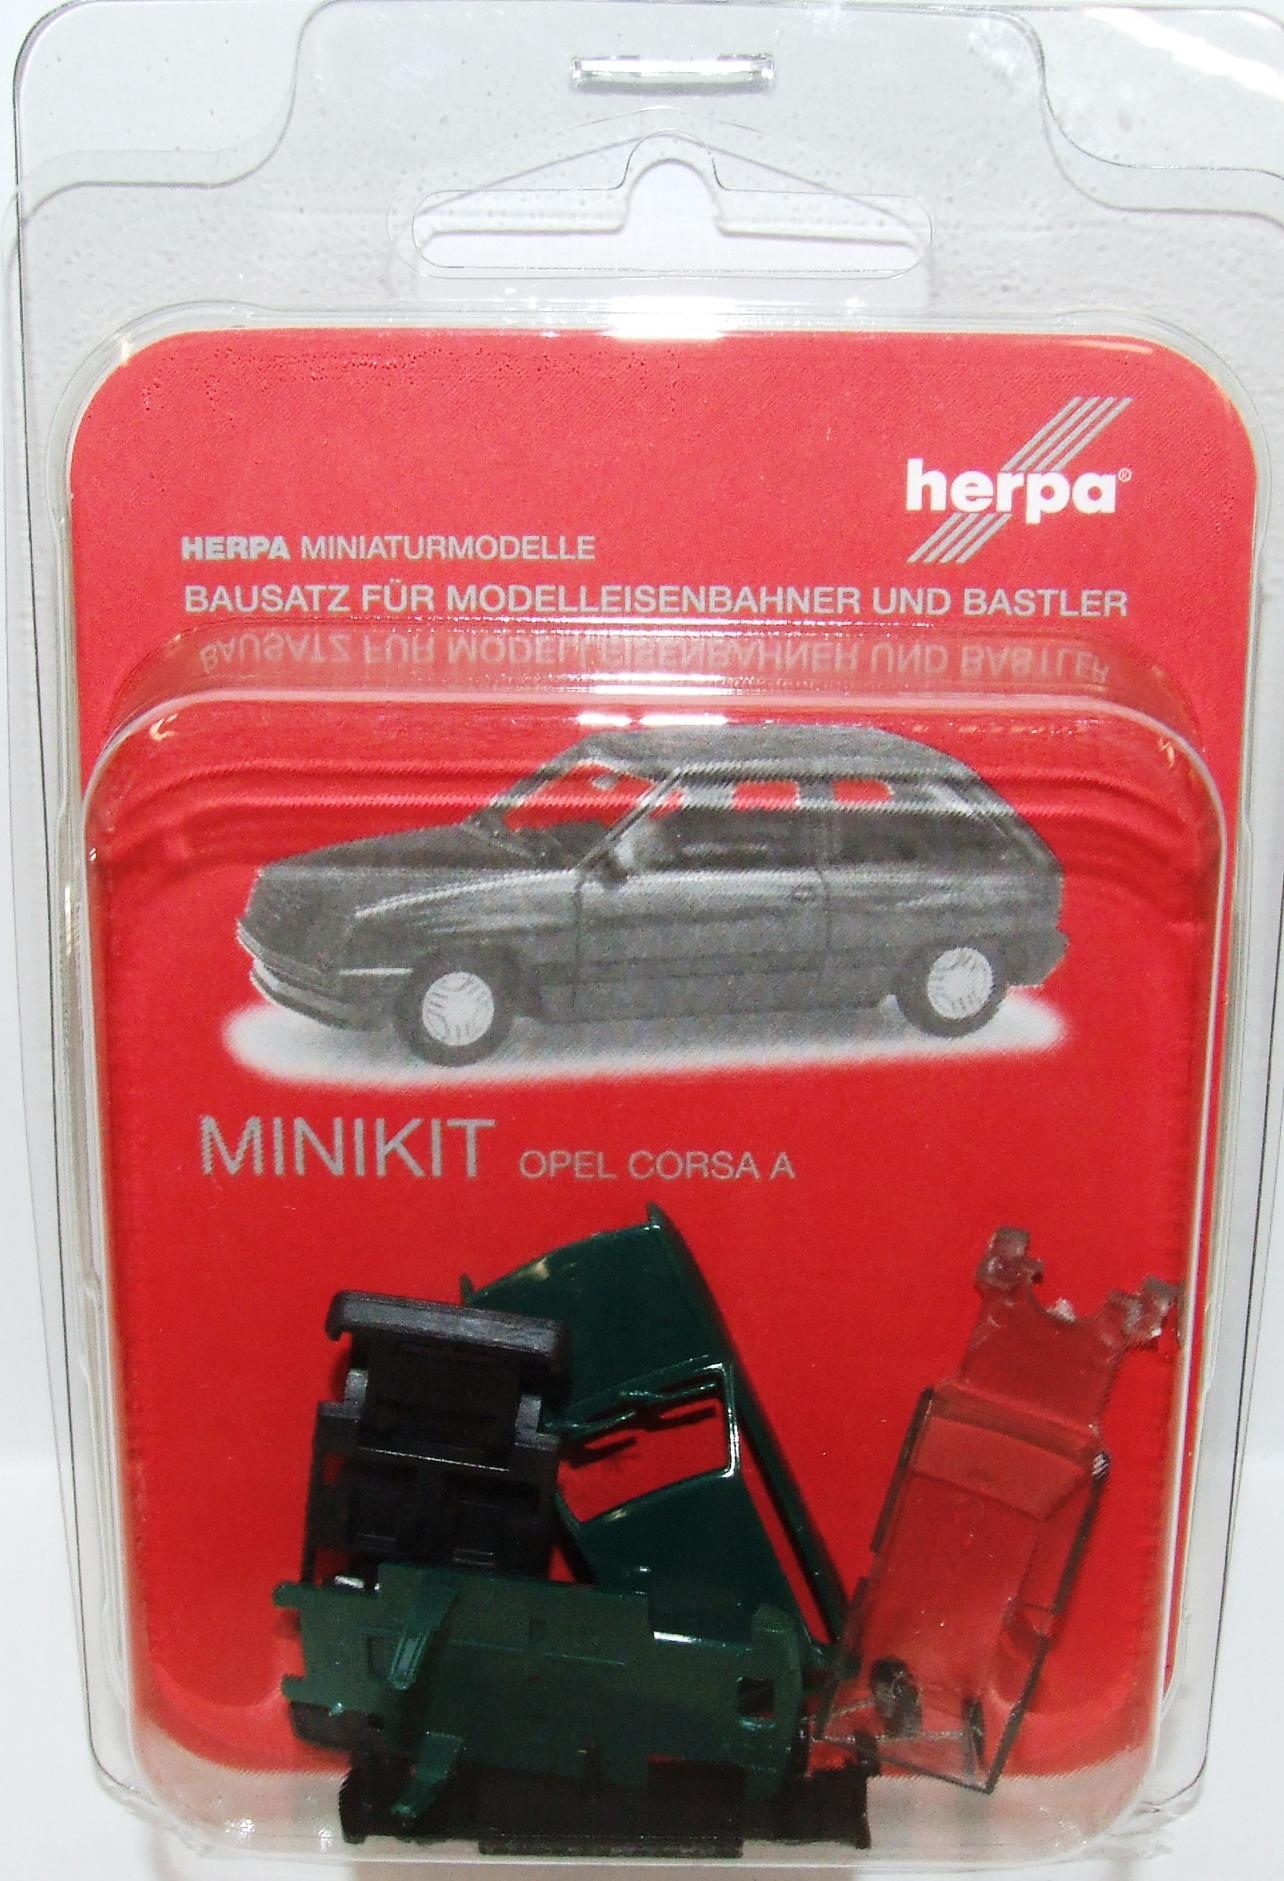 Herpa 012478 Bausatz MiniKit Opel Corsa A 1:87